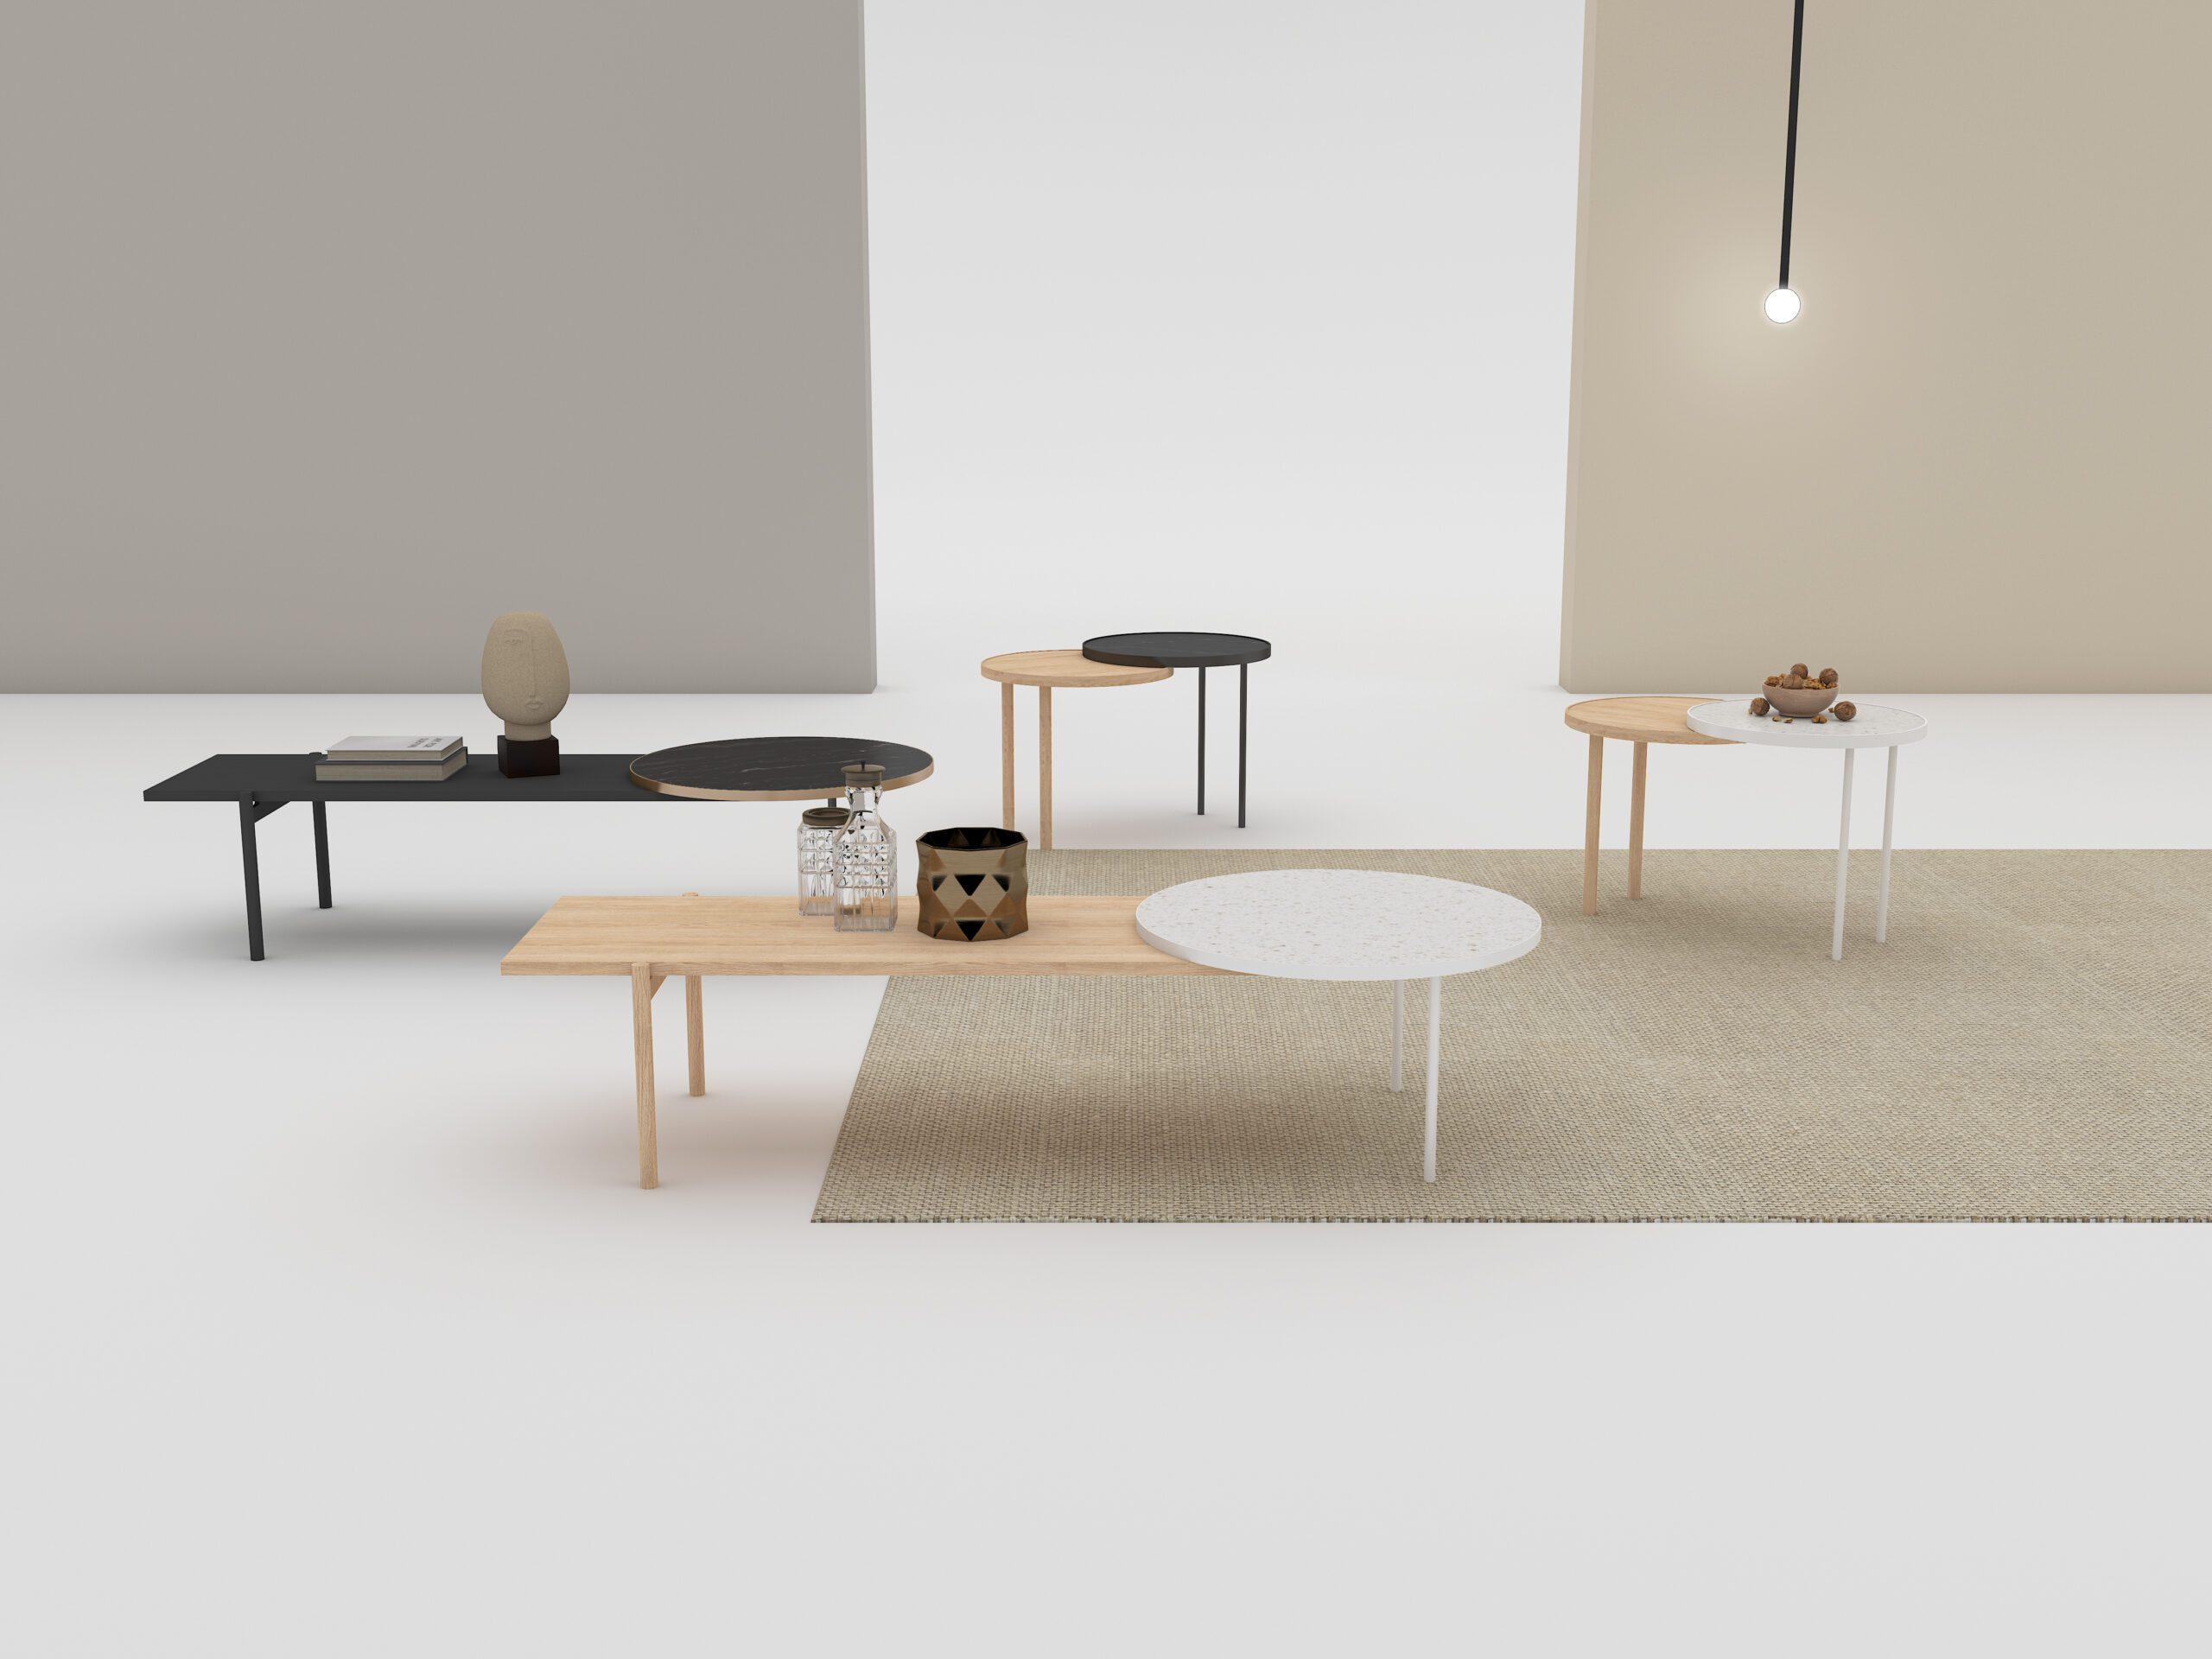 X O TABLE